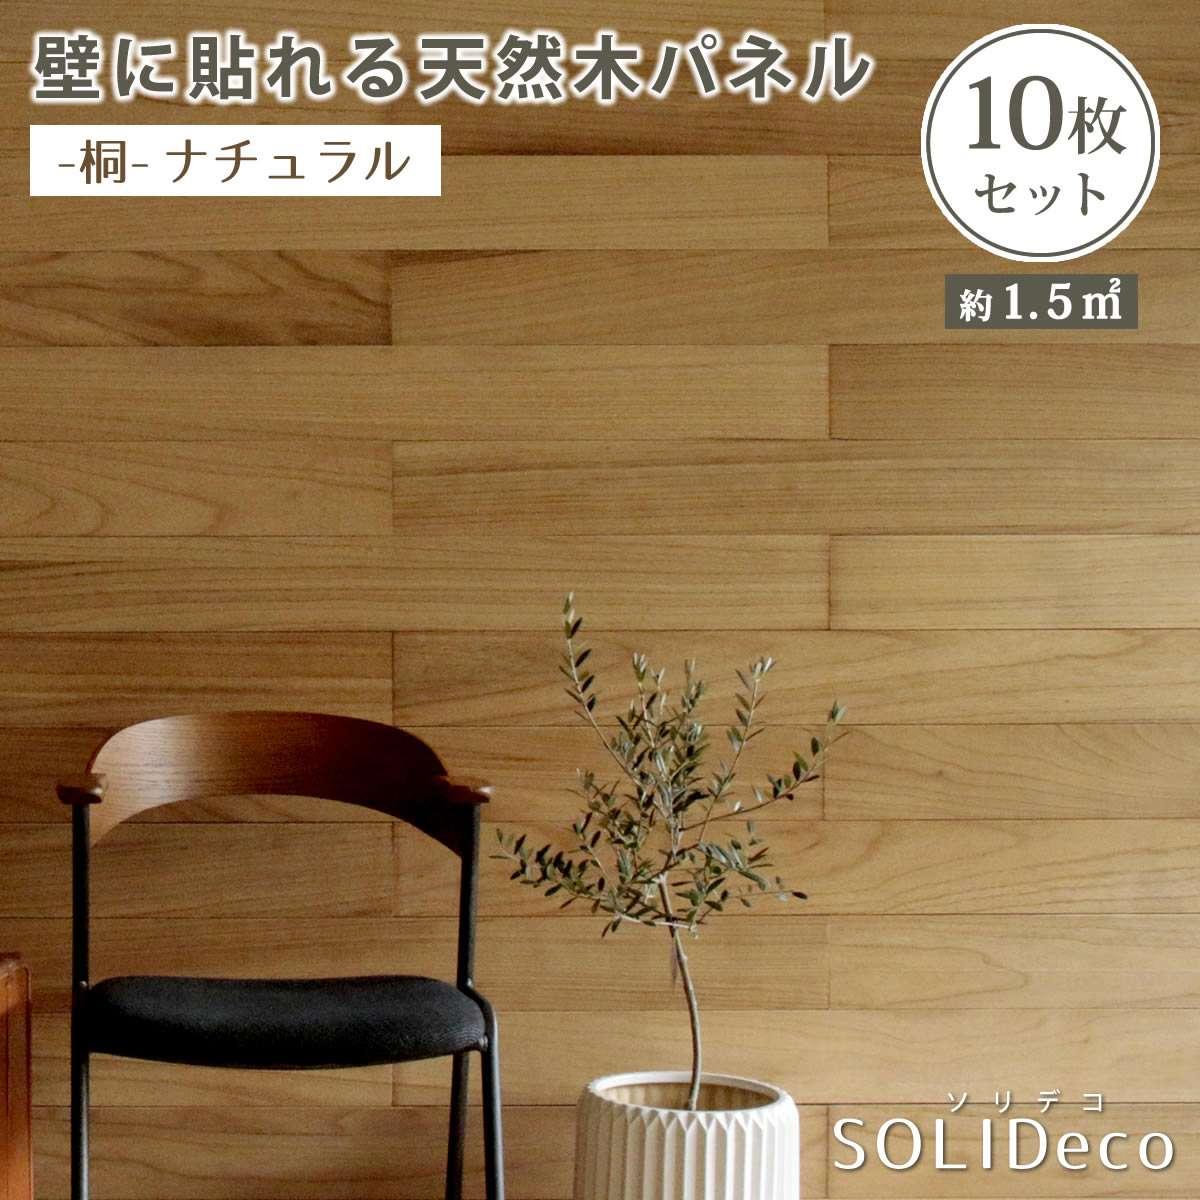 5/2-5/6休業期間/出荷等は5/7以降 SOLIDECO 壁に貼れる天然木パネル 10枚組(約1.5m2) SLDC-10P-001KRI【壁パネル ウォールパネル ウッドパネル DIY 壁紙】